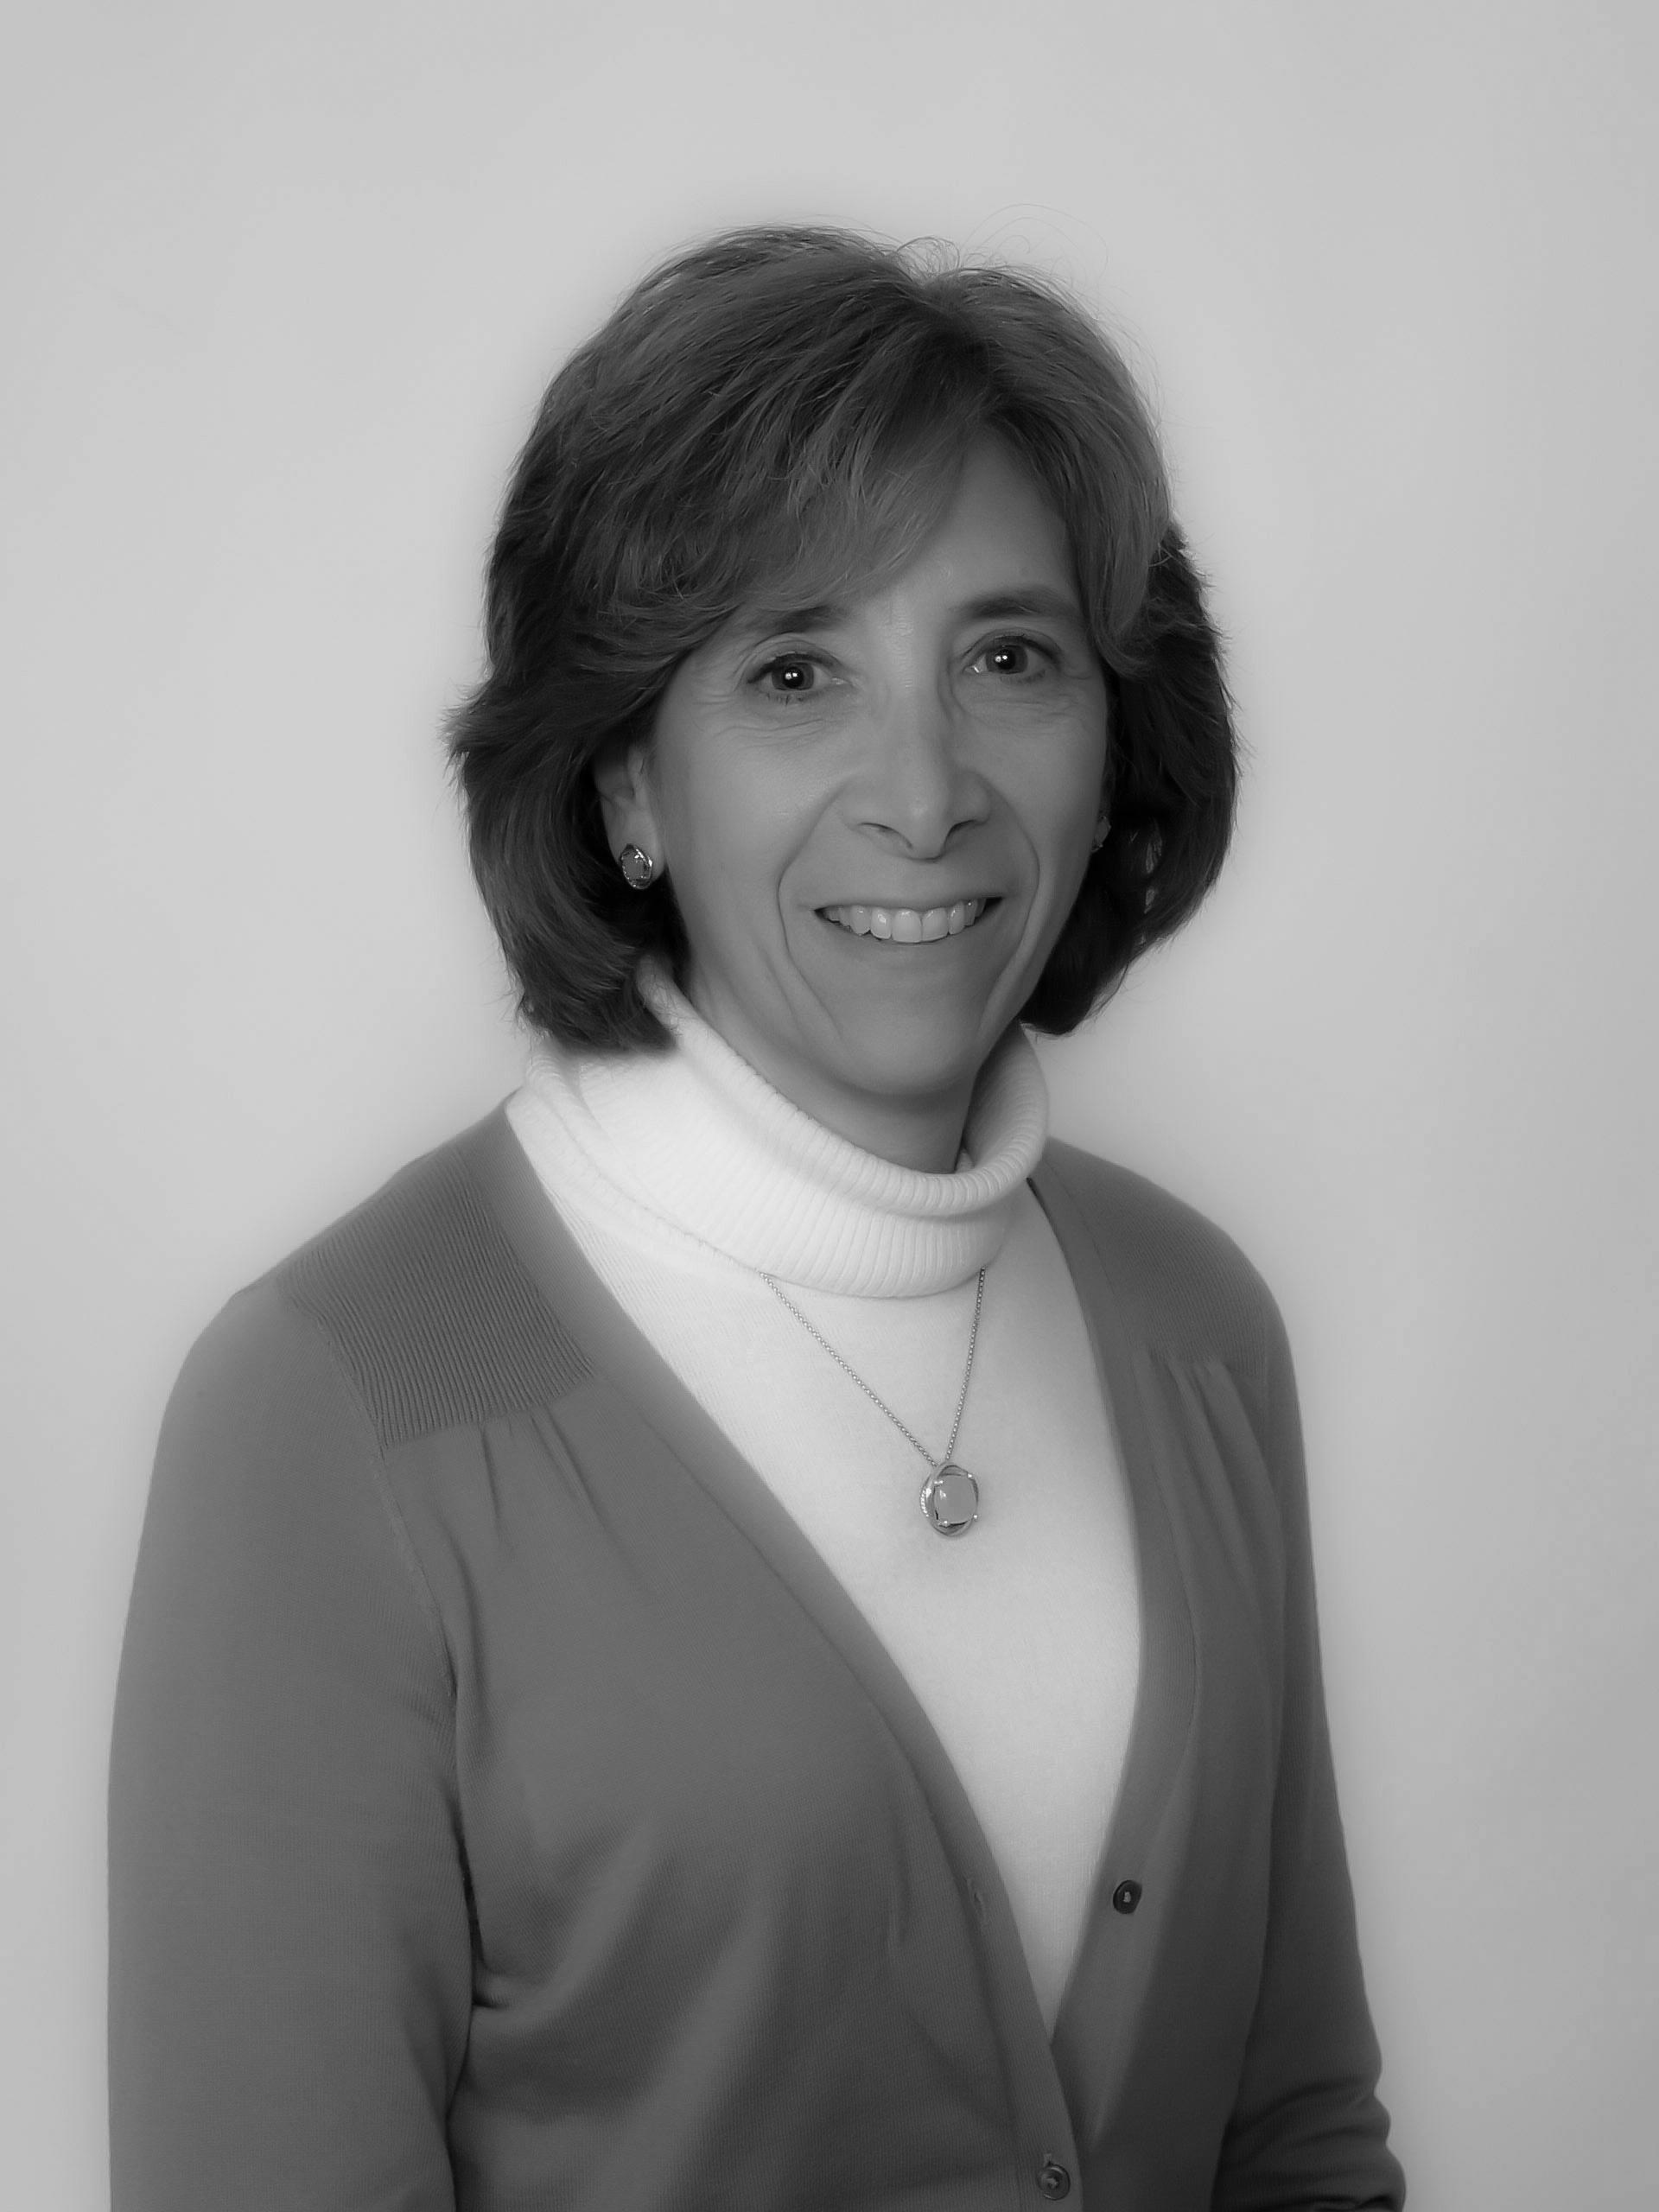 Susan DeHaven